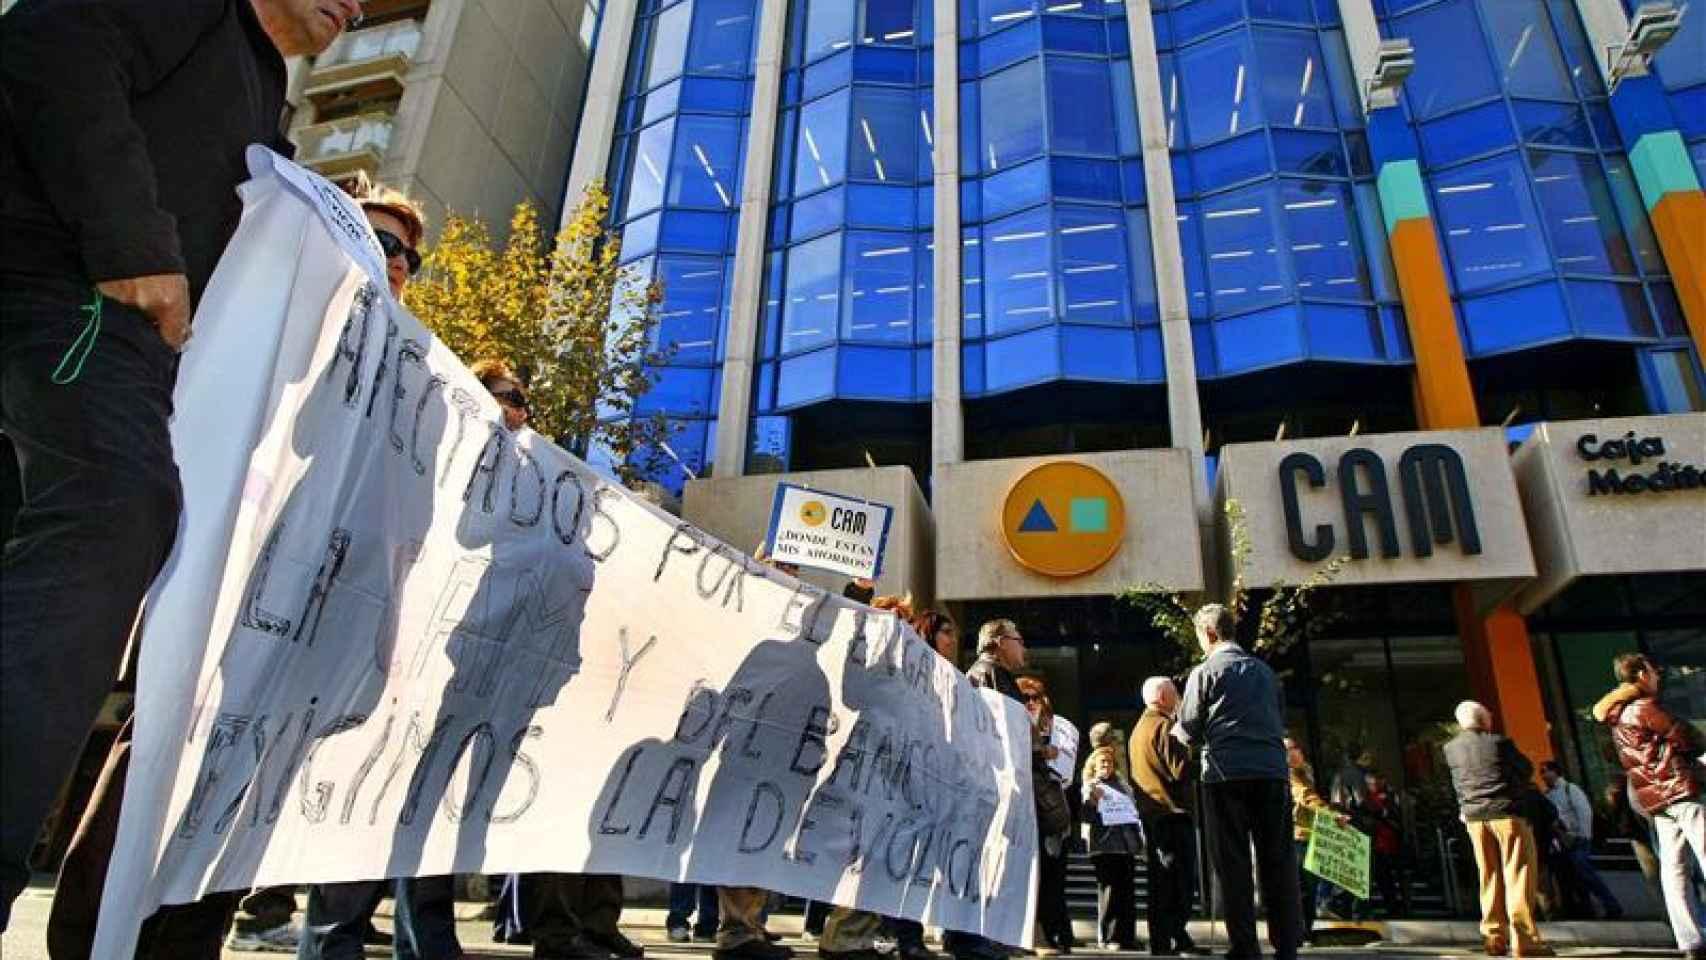 Protesta de afectados de la CAM frente a una de sus oficinas